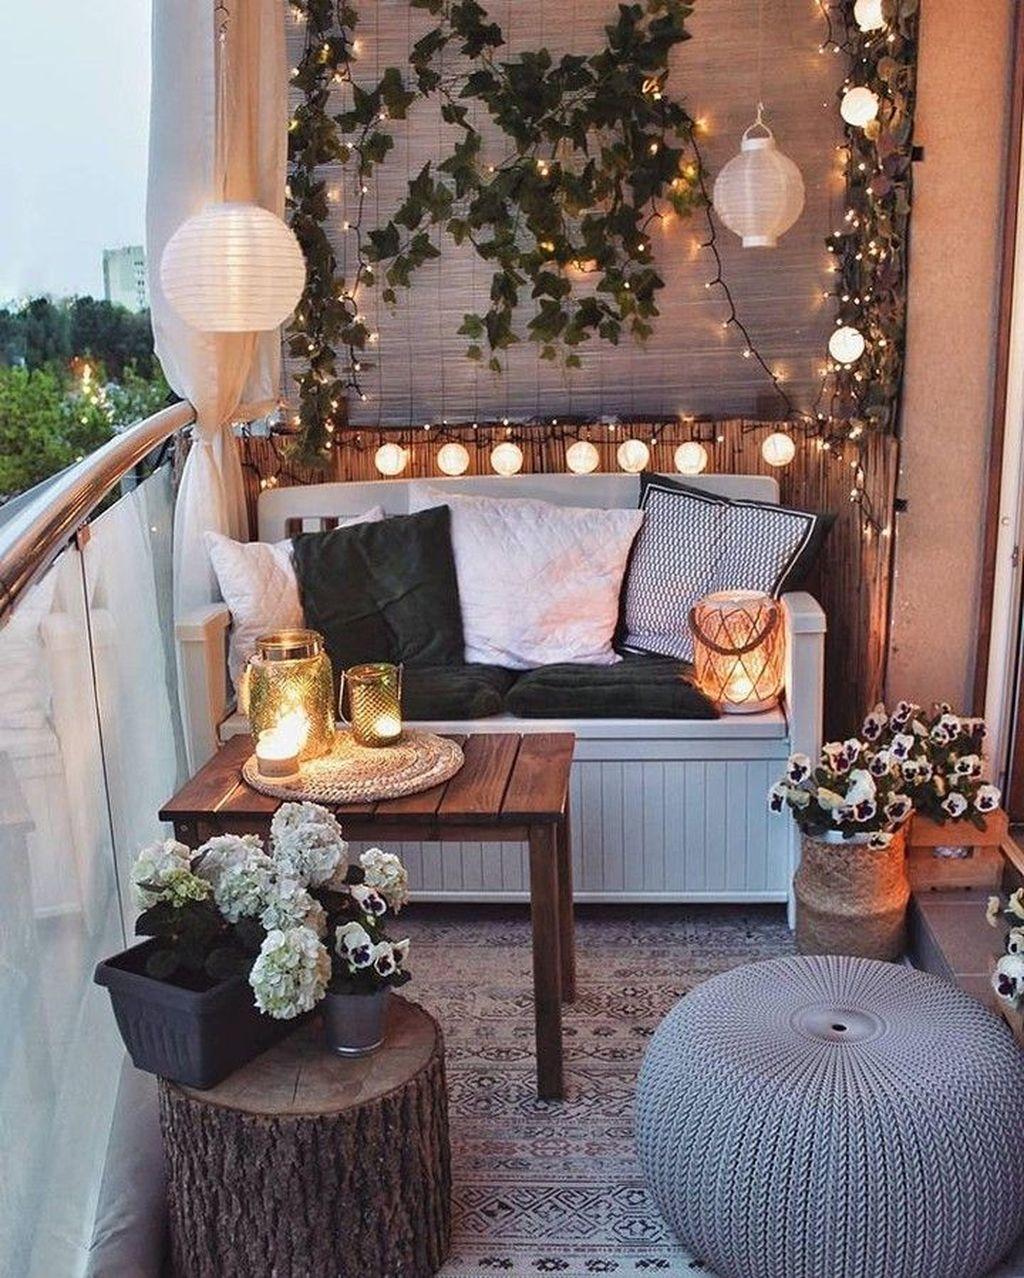 The Best Apartment Balcony Decor Ideas For Fall Season 23